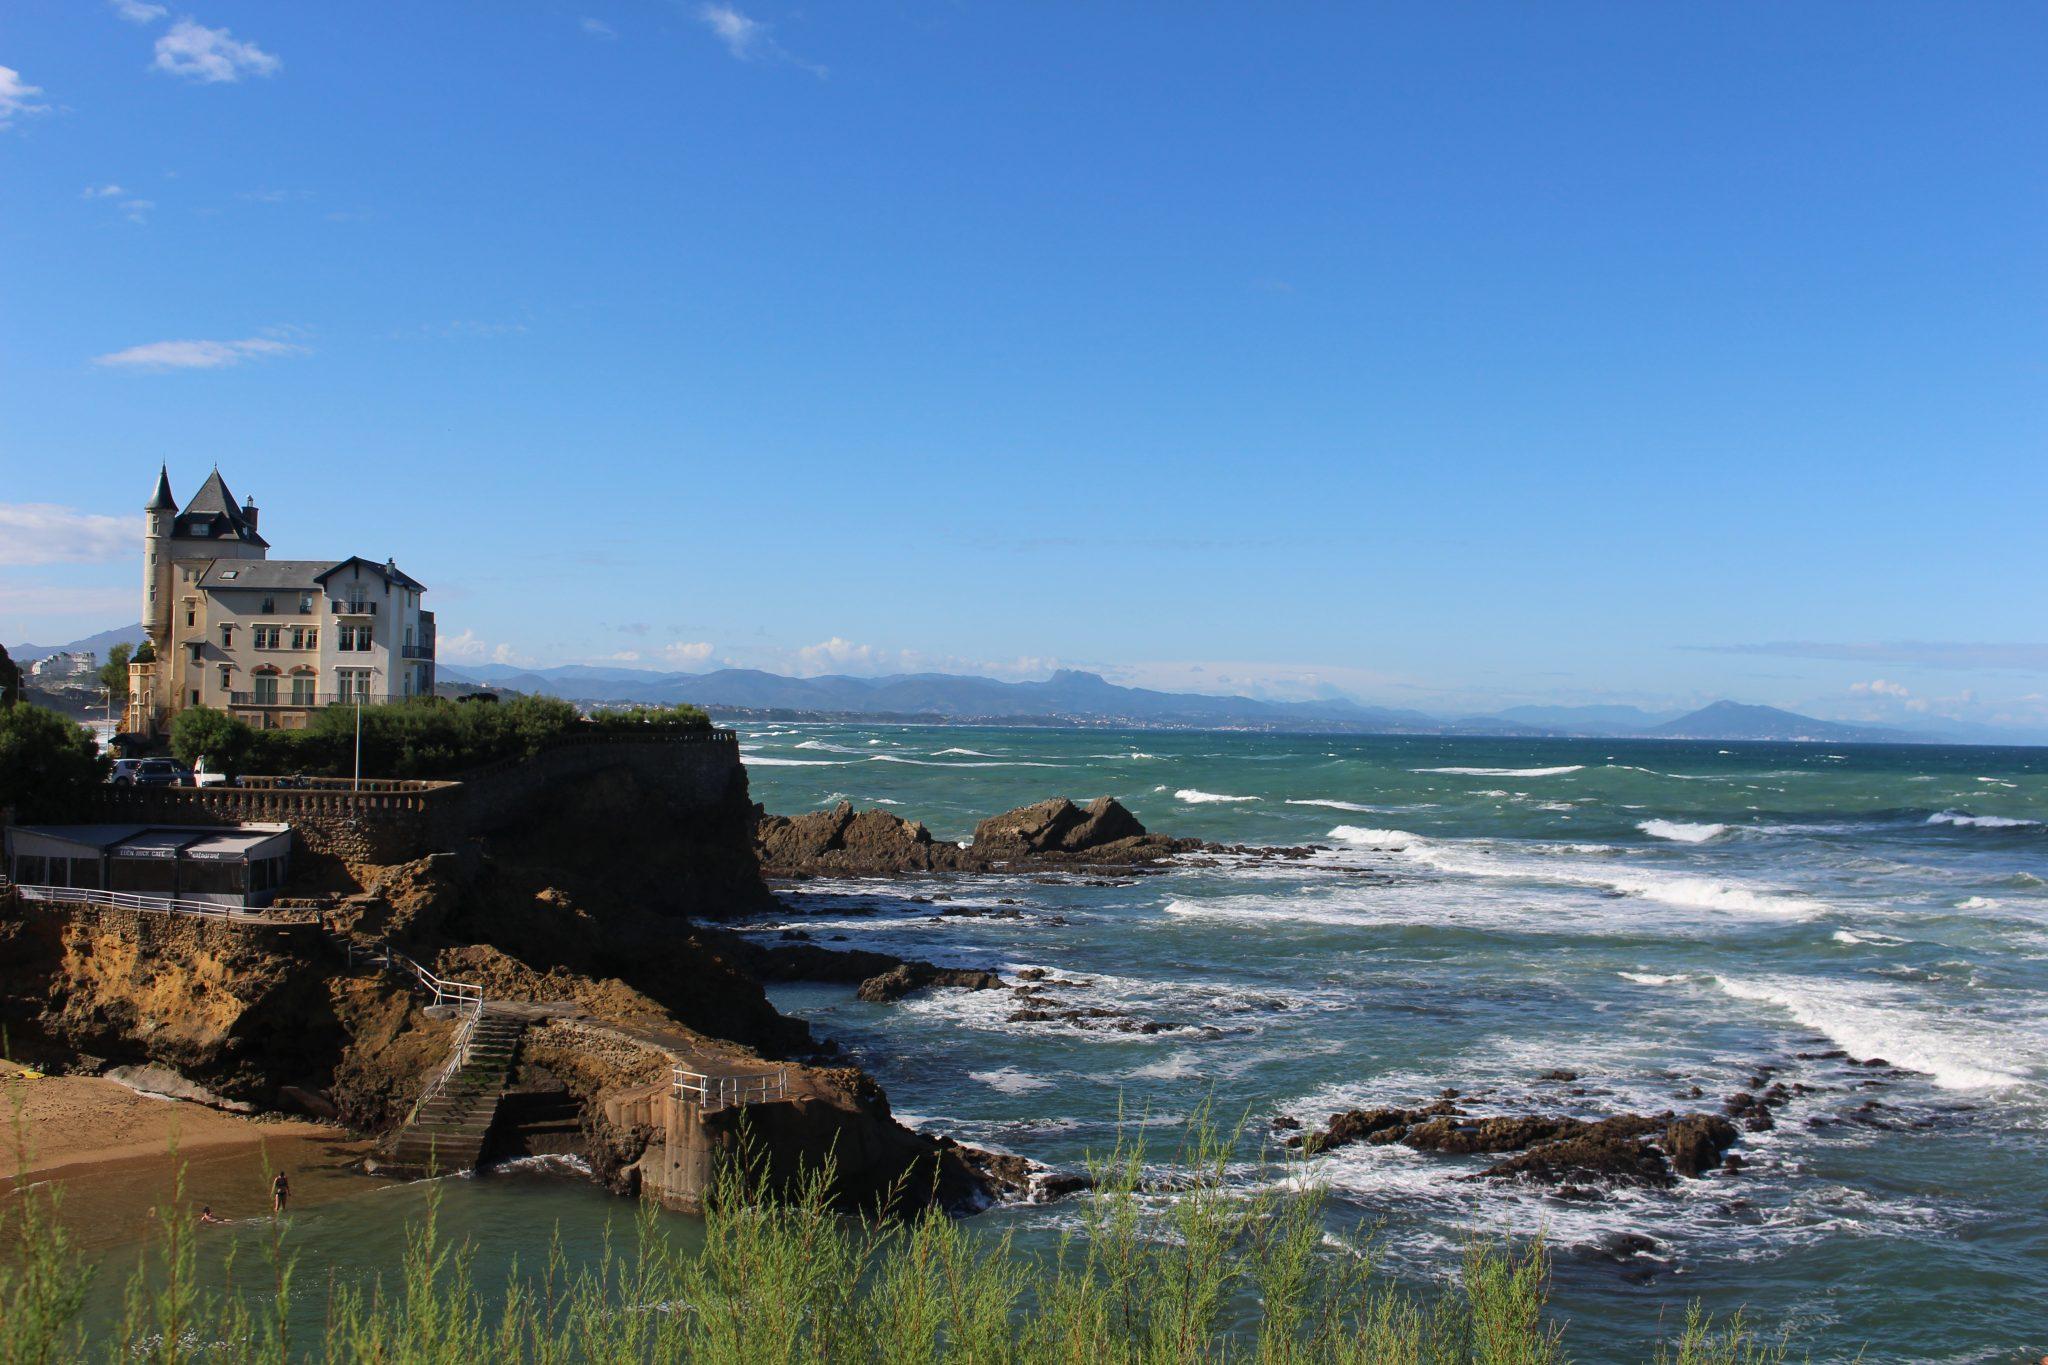 Calendrier Maree Biarritz.Creation Des Supports Touristiques Pour Biarritz Tourisme